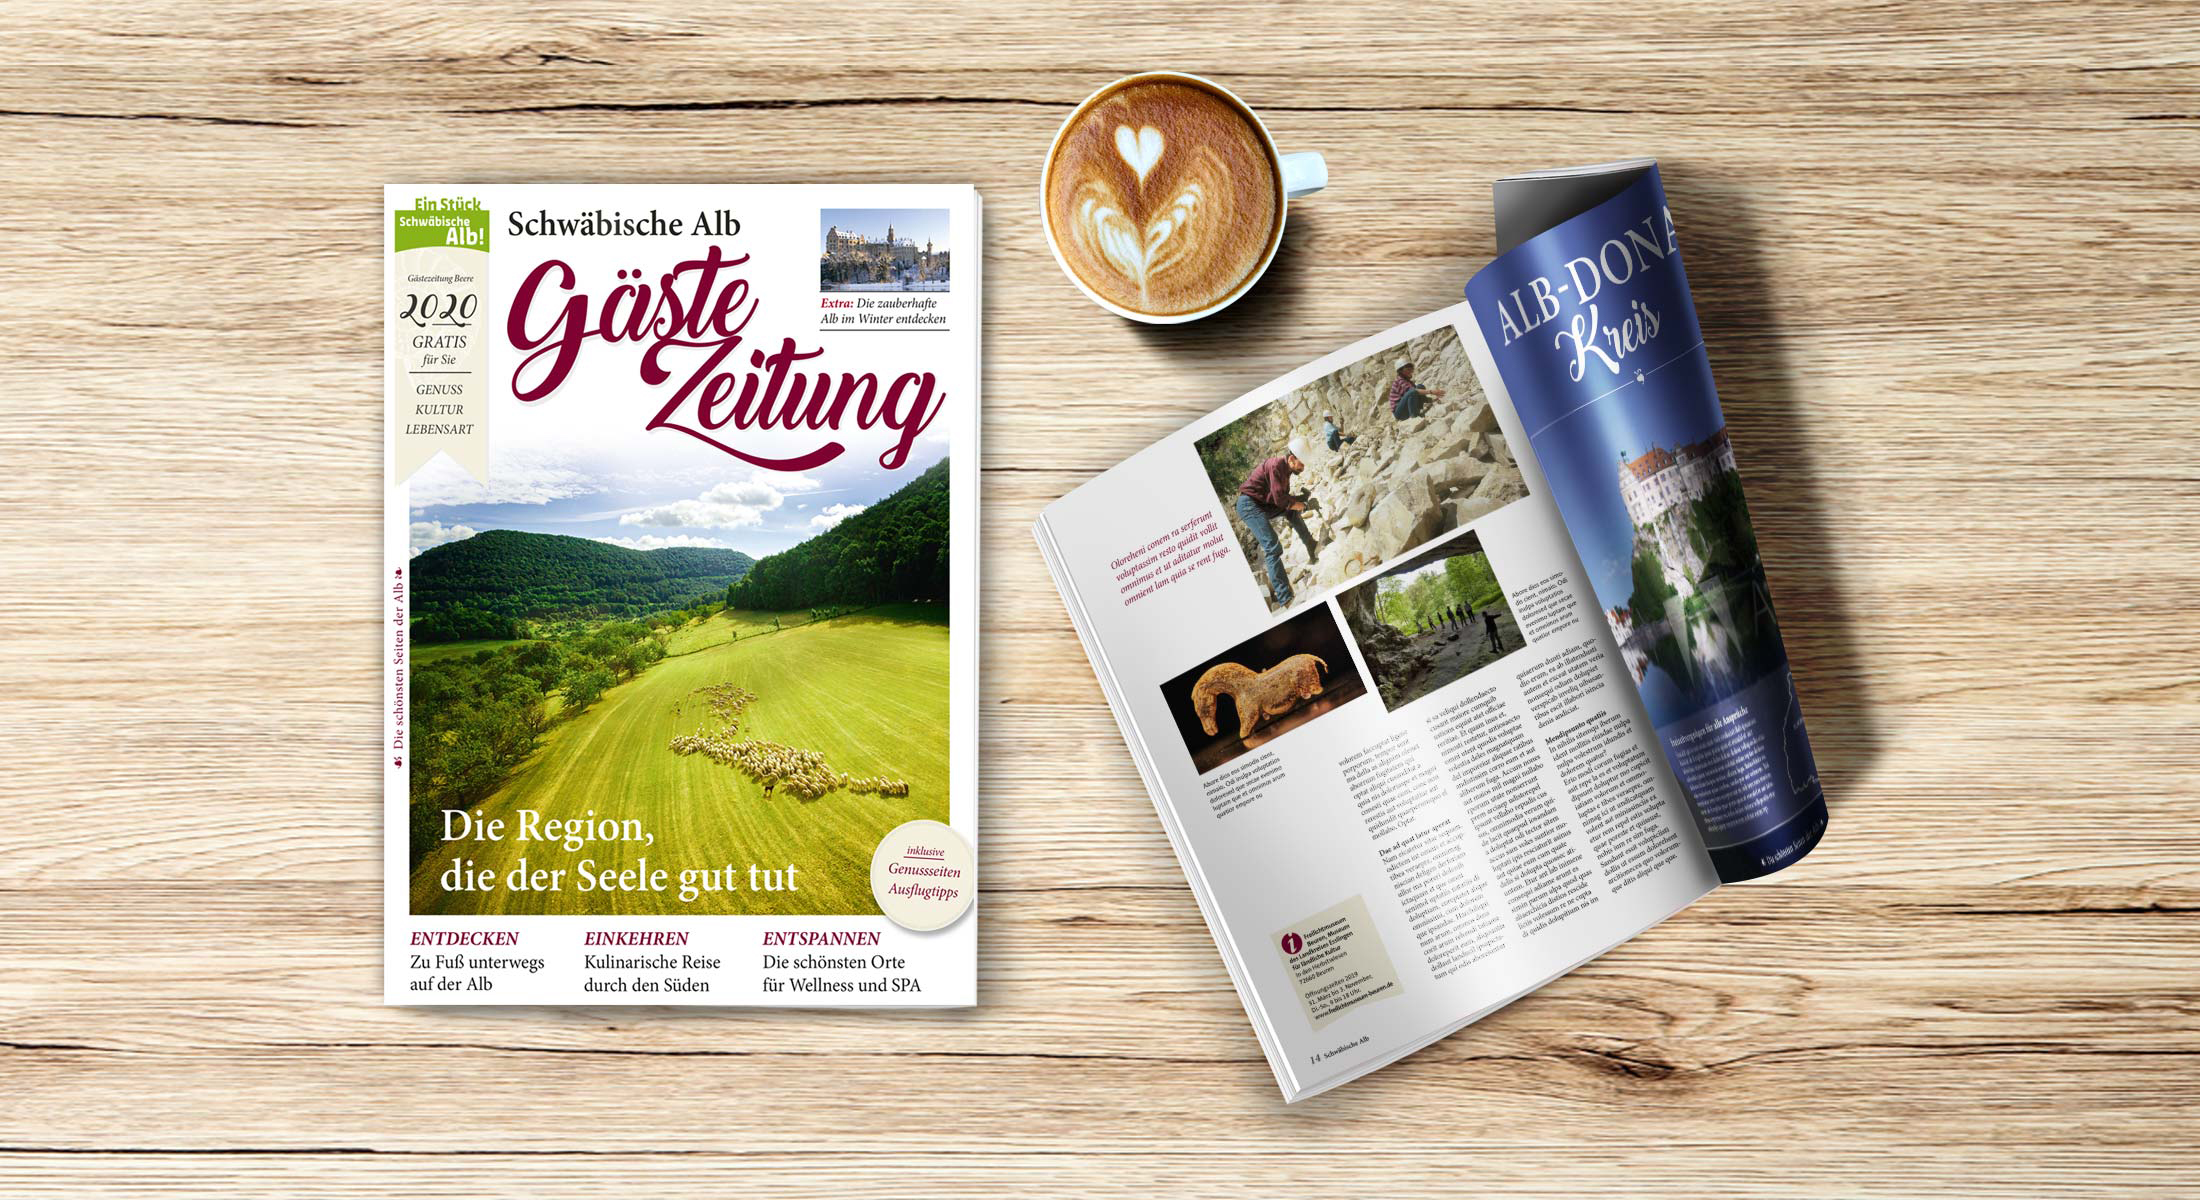 Gästezeitung Schwäbische Alb, liegt aufgeschlagen auf Tisch neben einer Tasse Cappuccino